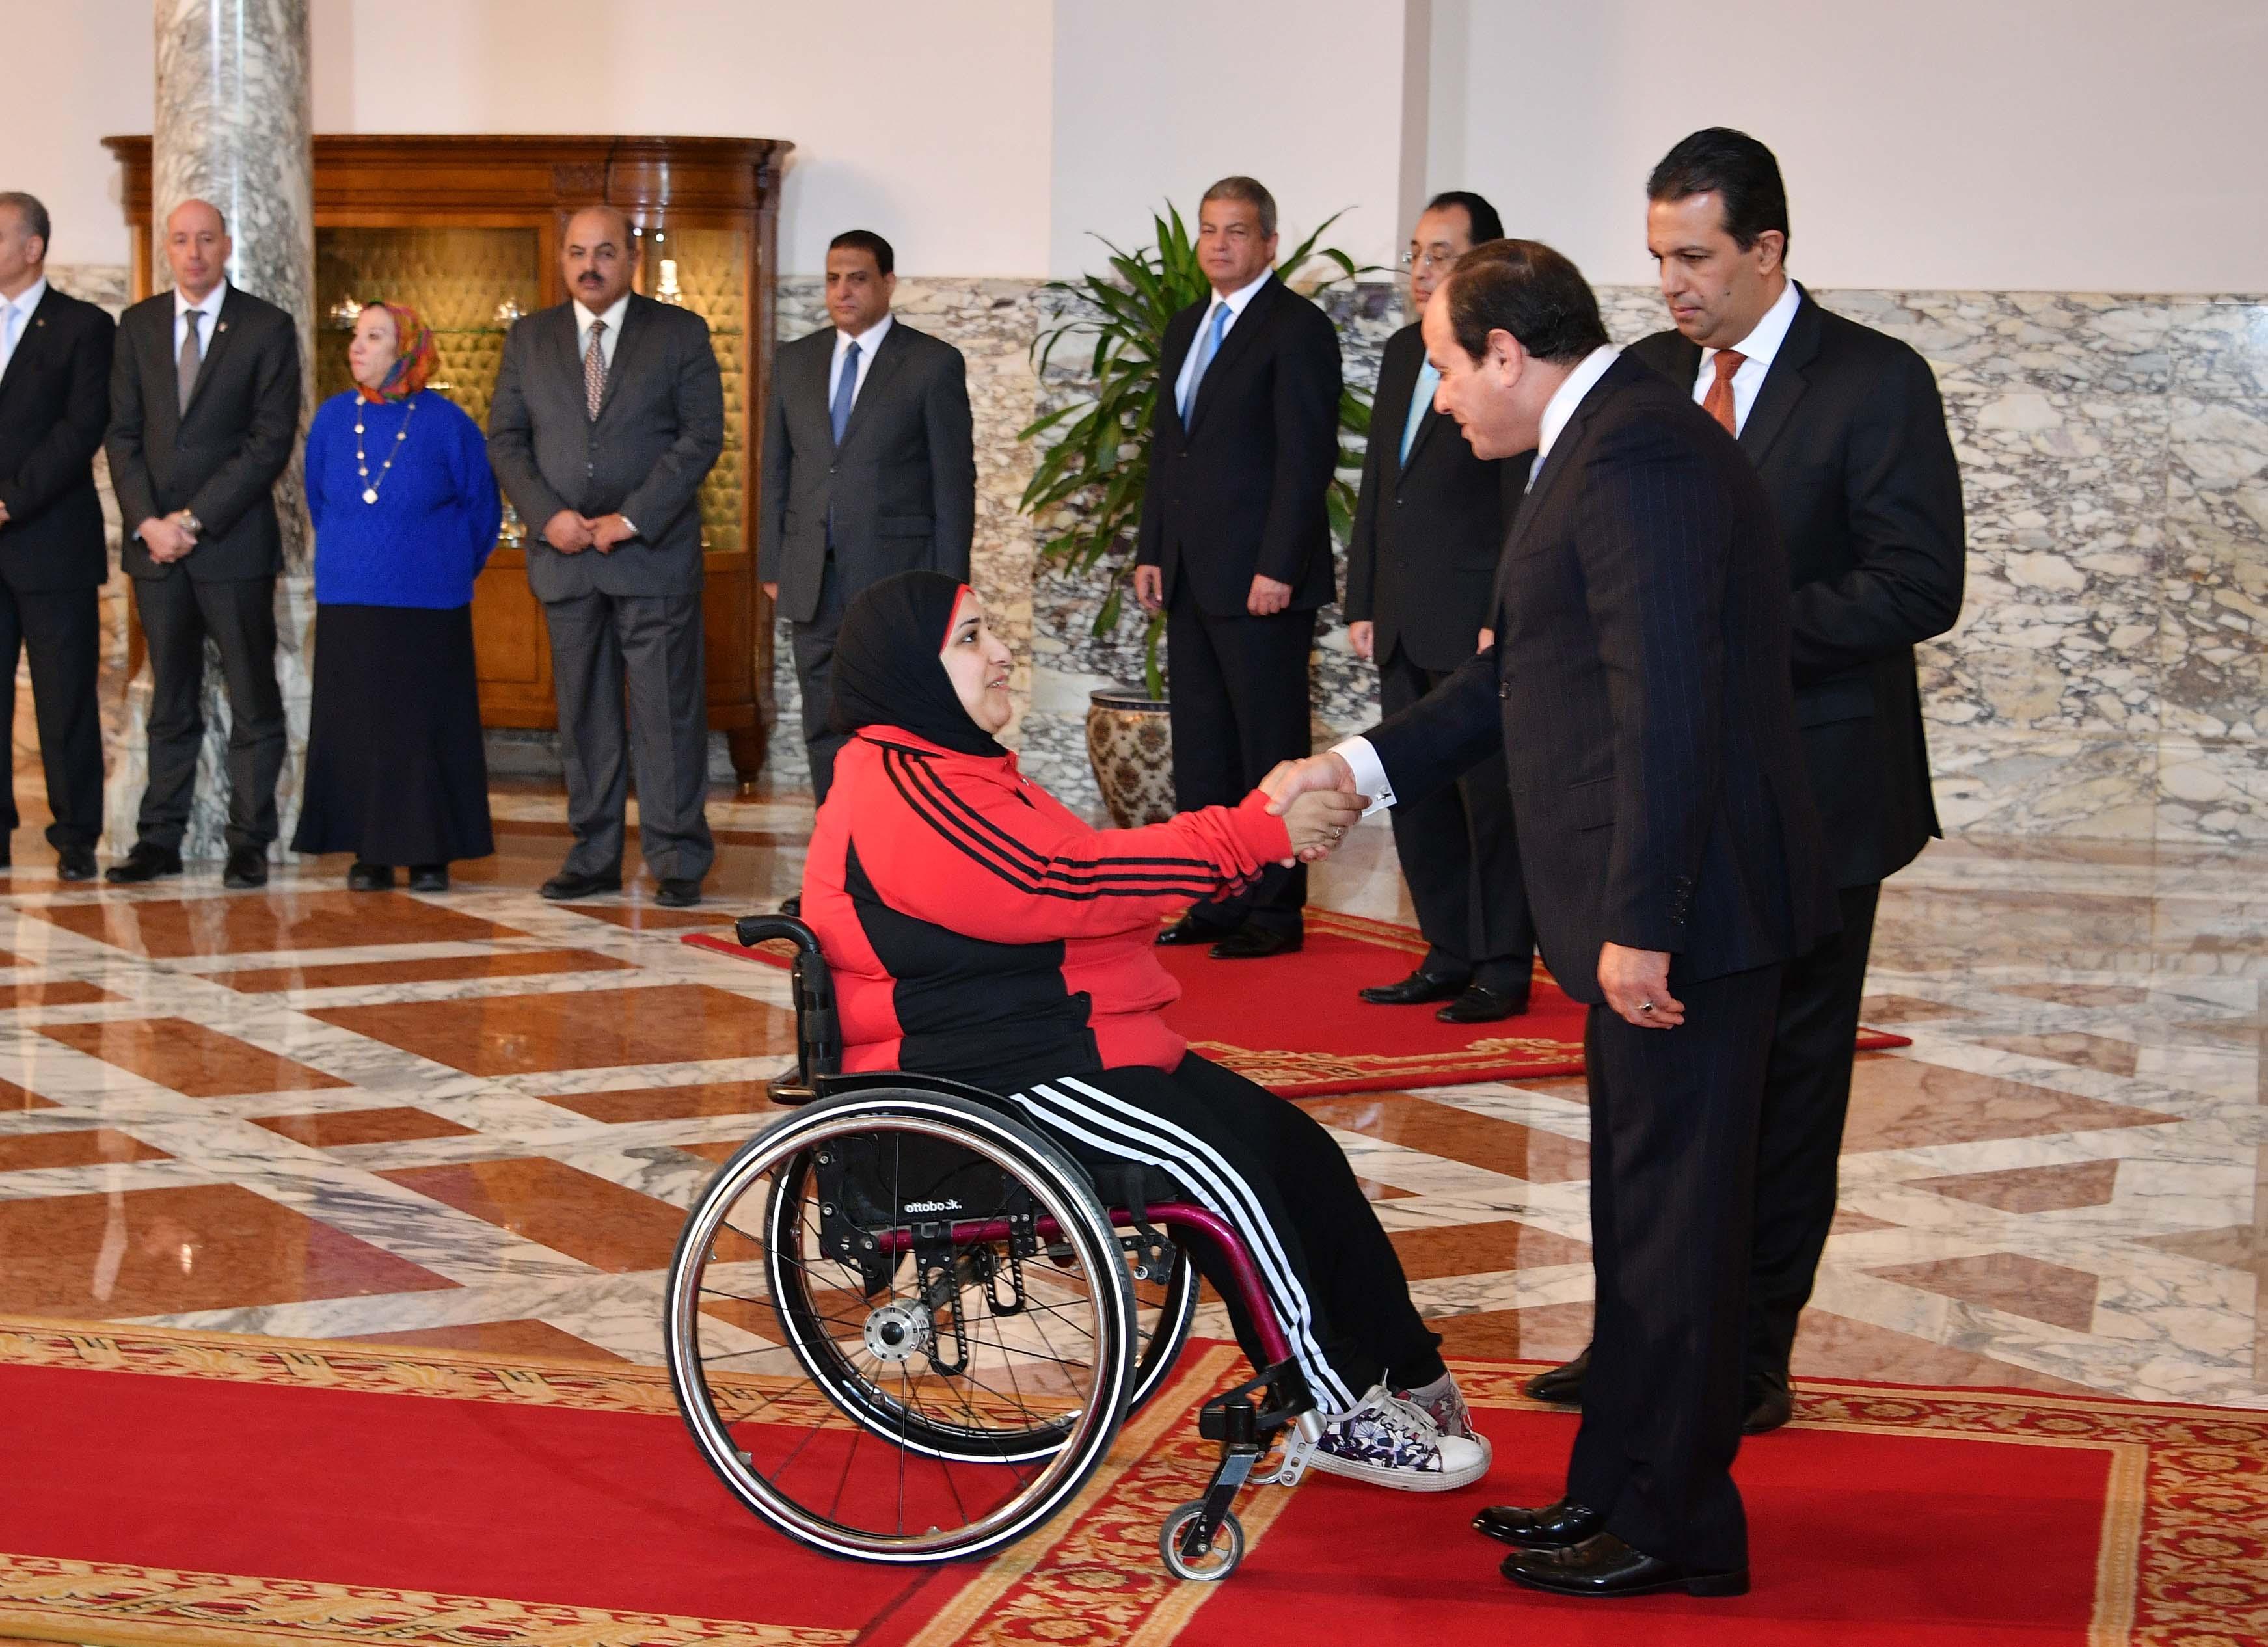 السيسى يمنح أوسمة الجمهورية للأبطال الرياضيين  (3)